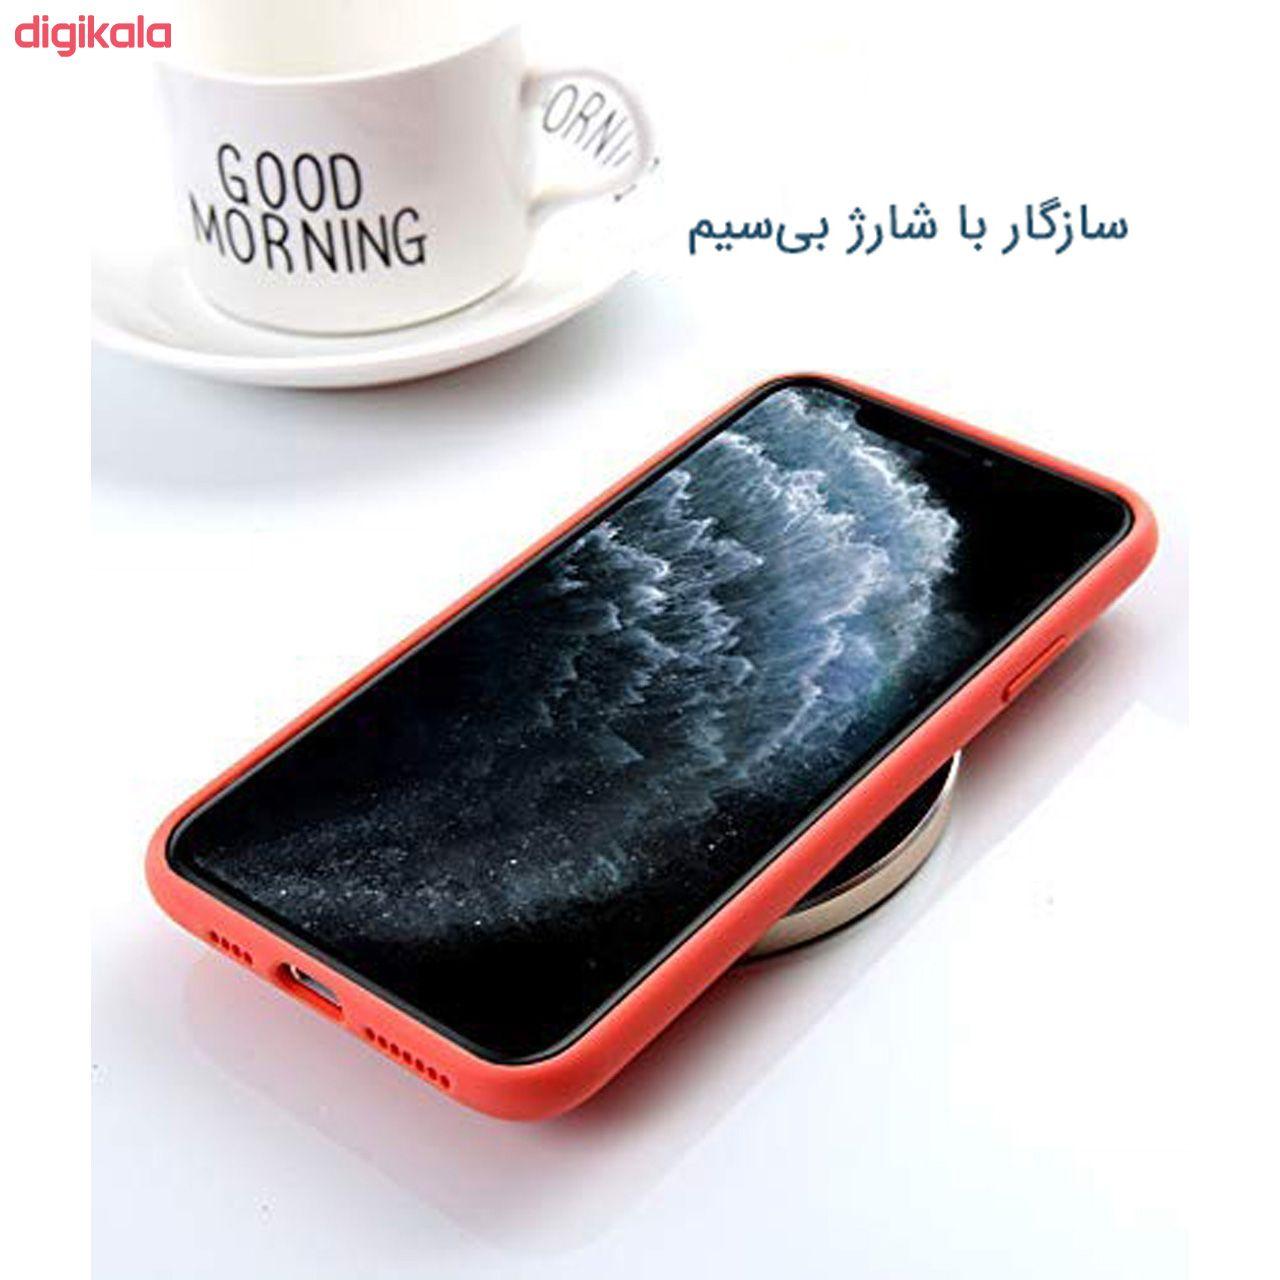 کاور وی کیس مدل Si01 مناسب برای گوشی موبایل اپل iPhone 11 main 1 7